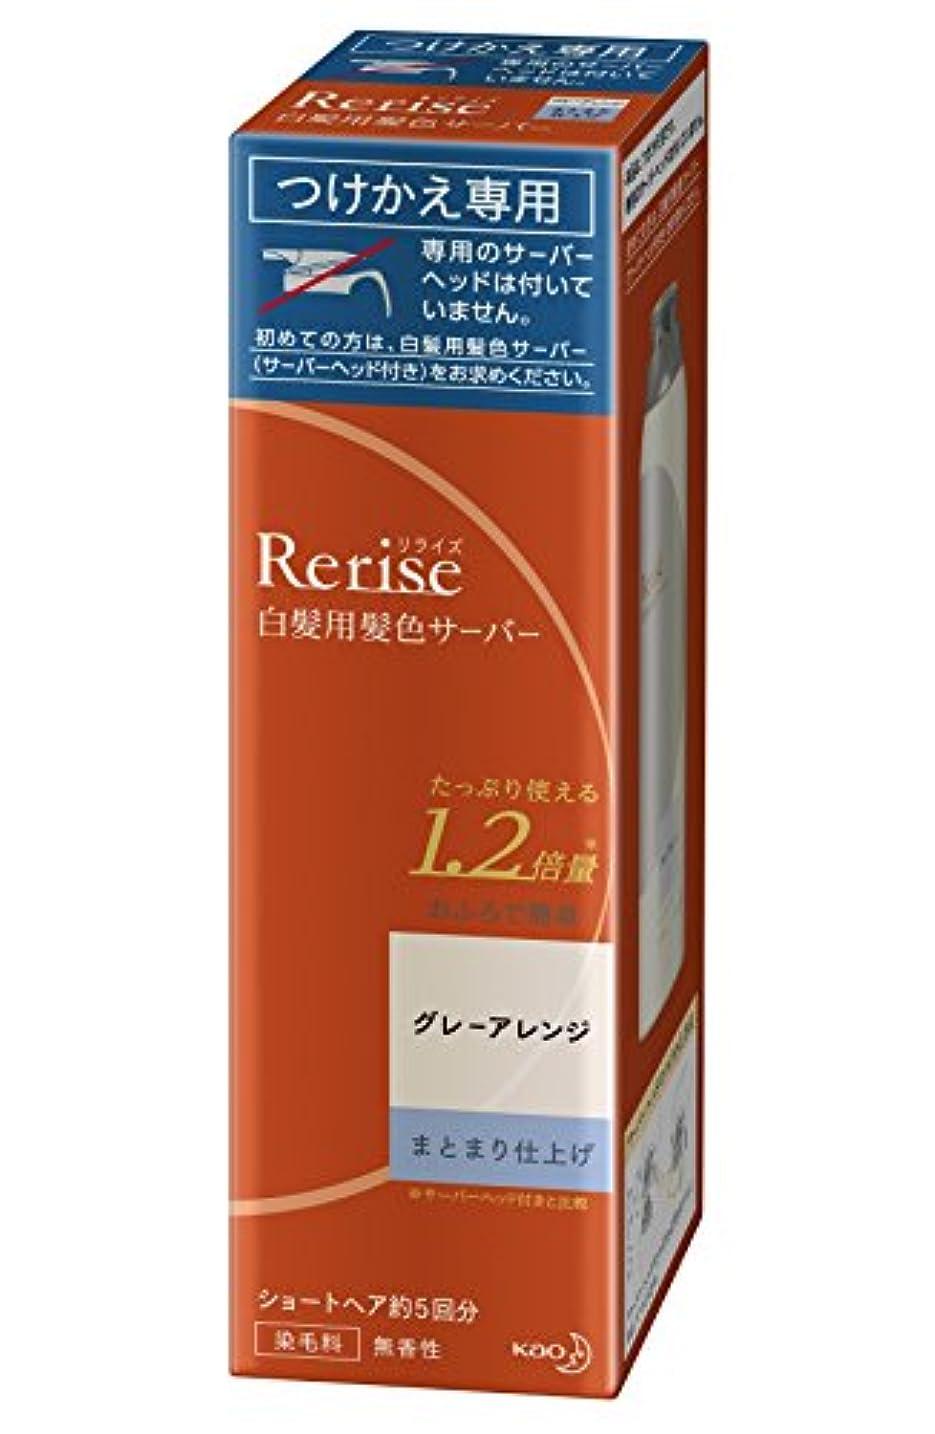 計算可能のホストスチュアート島リライズ 白髪染め グレーアレンジ (自然なグレー) まとまり仕上げ 男女兼用 つけかえ用 190g